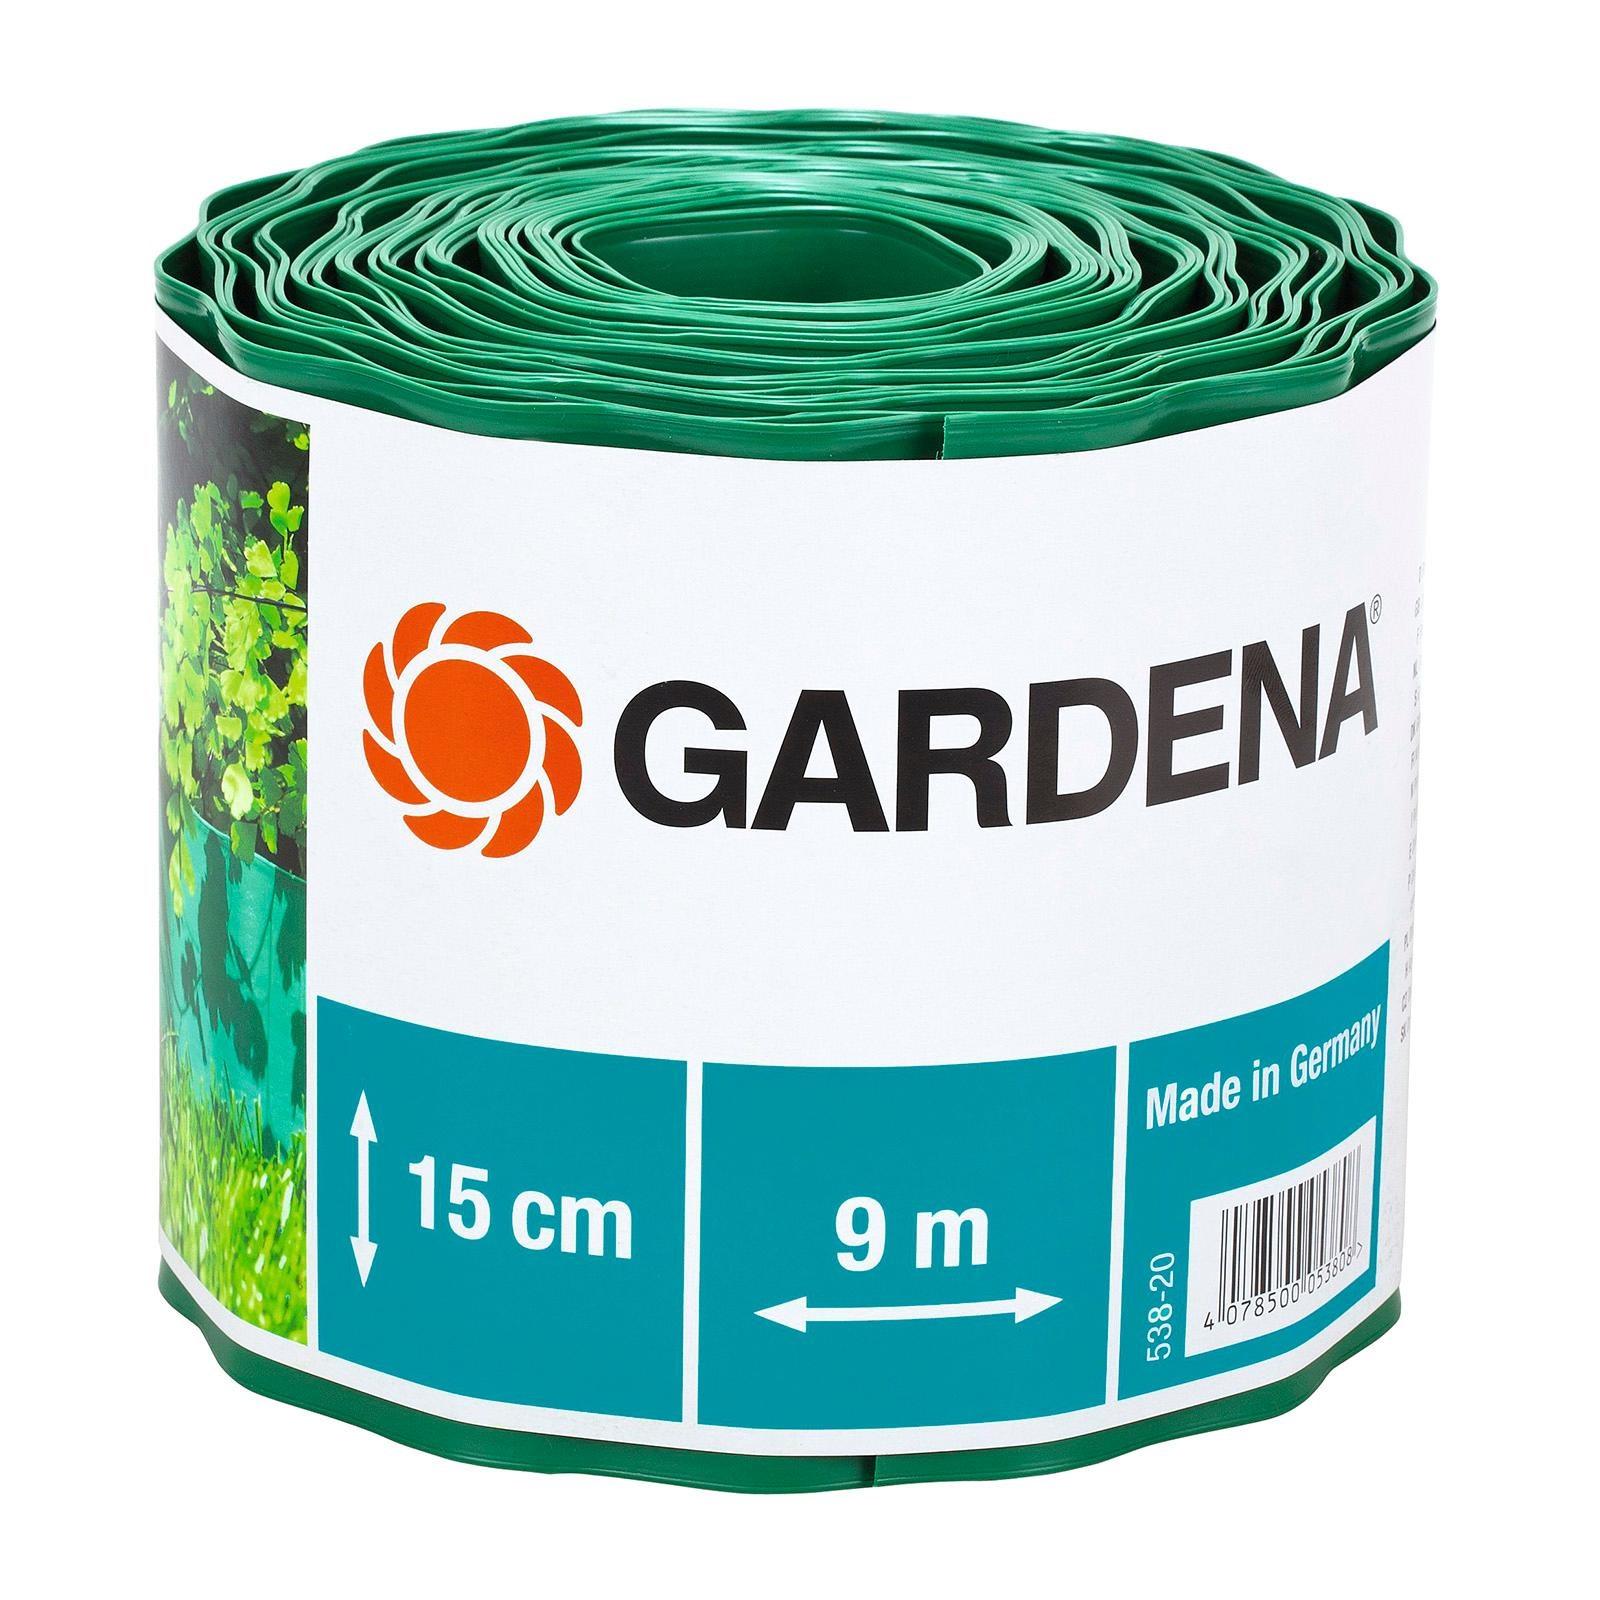 GARDENA LAWN EDGING G538 / G540 | Plant Pots, Planters, Saucers ...